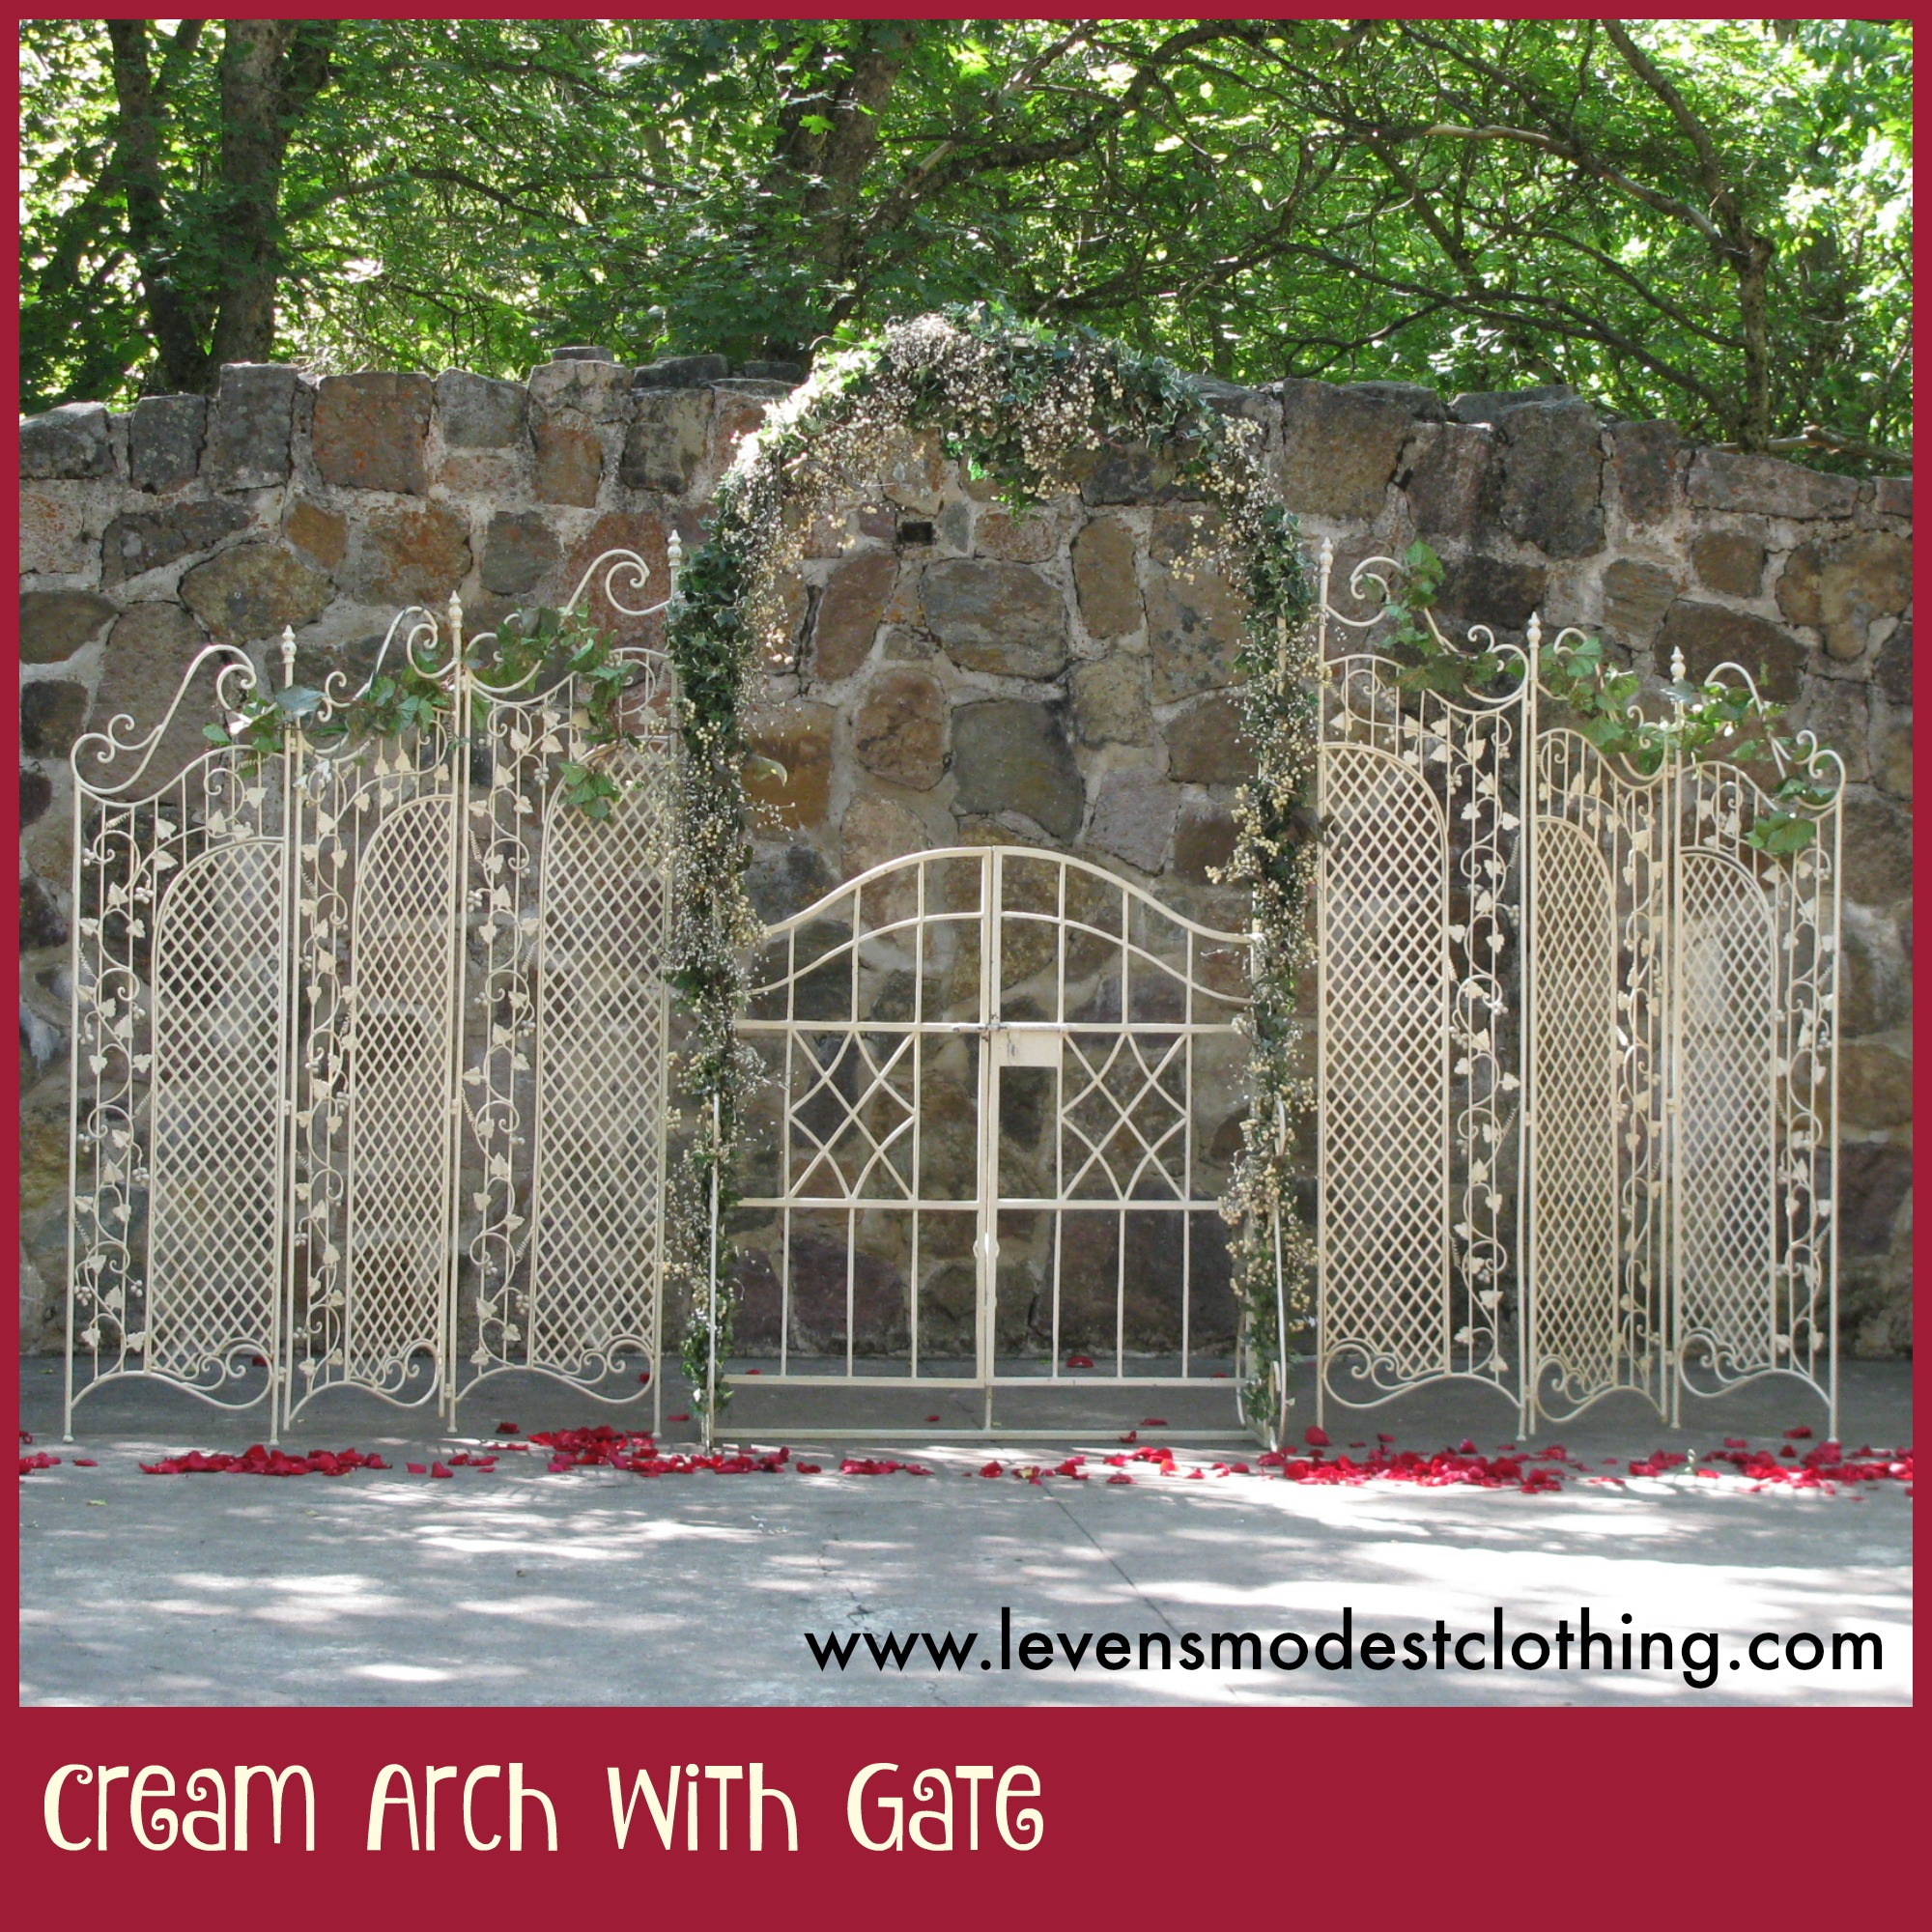 Cream Arch